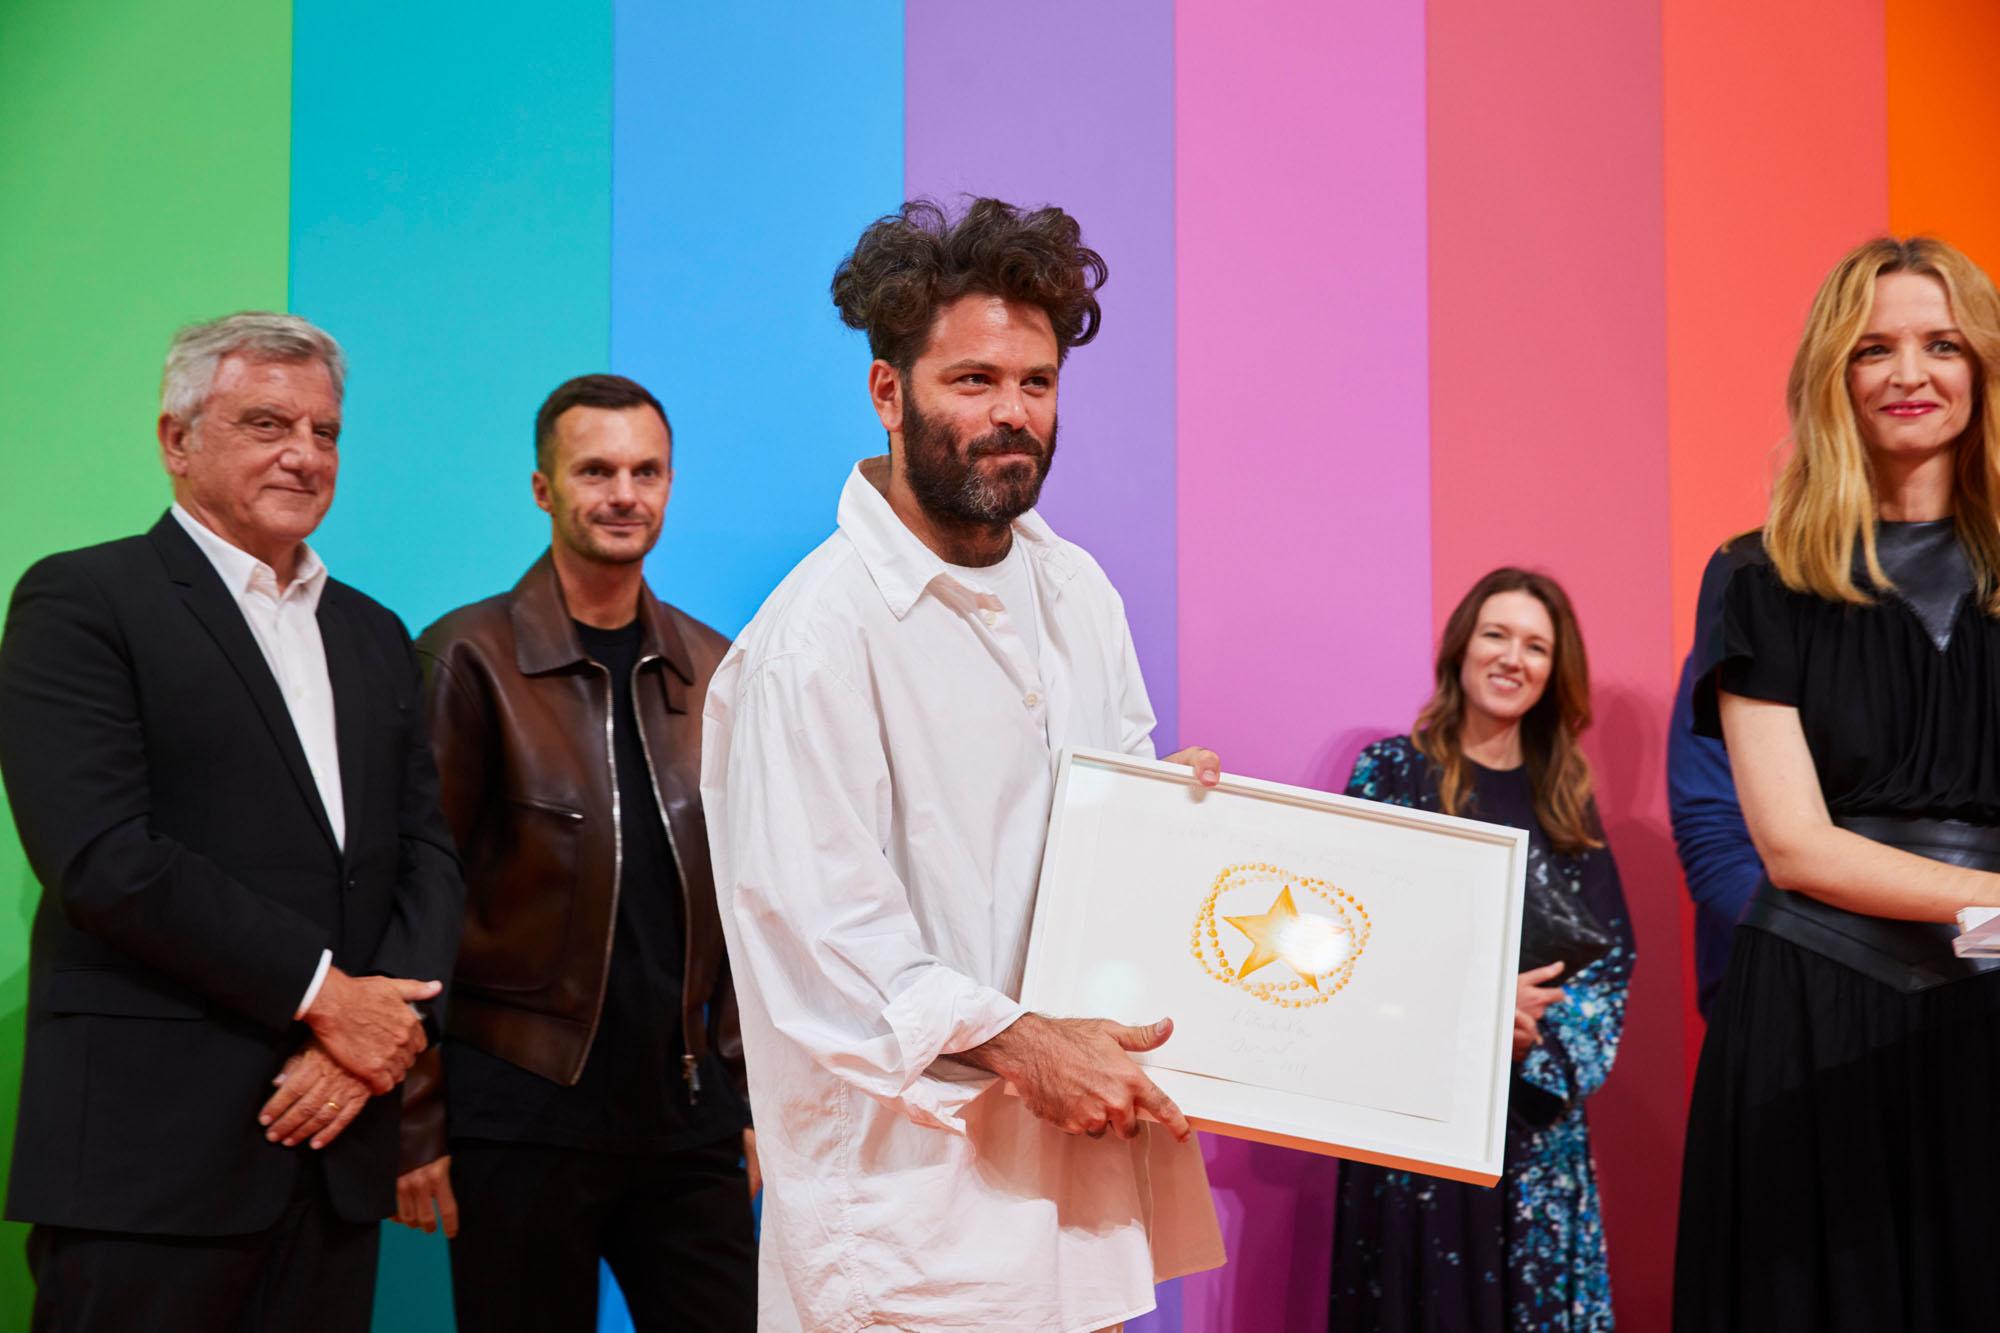 Hed Mayner, lauréat du prix Karl Lagerfeld